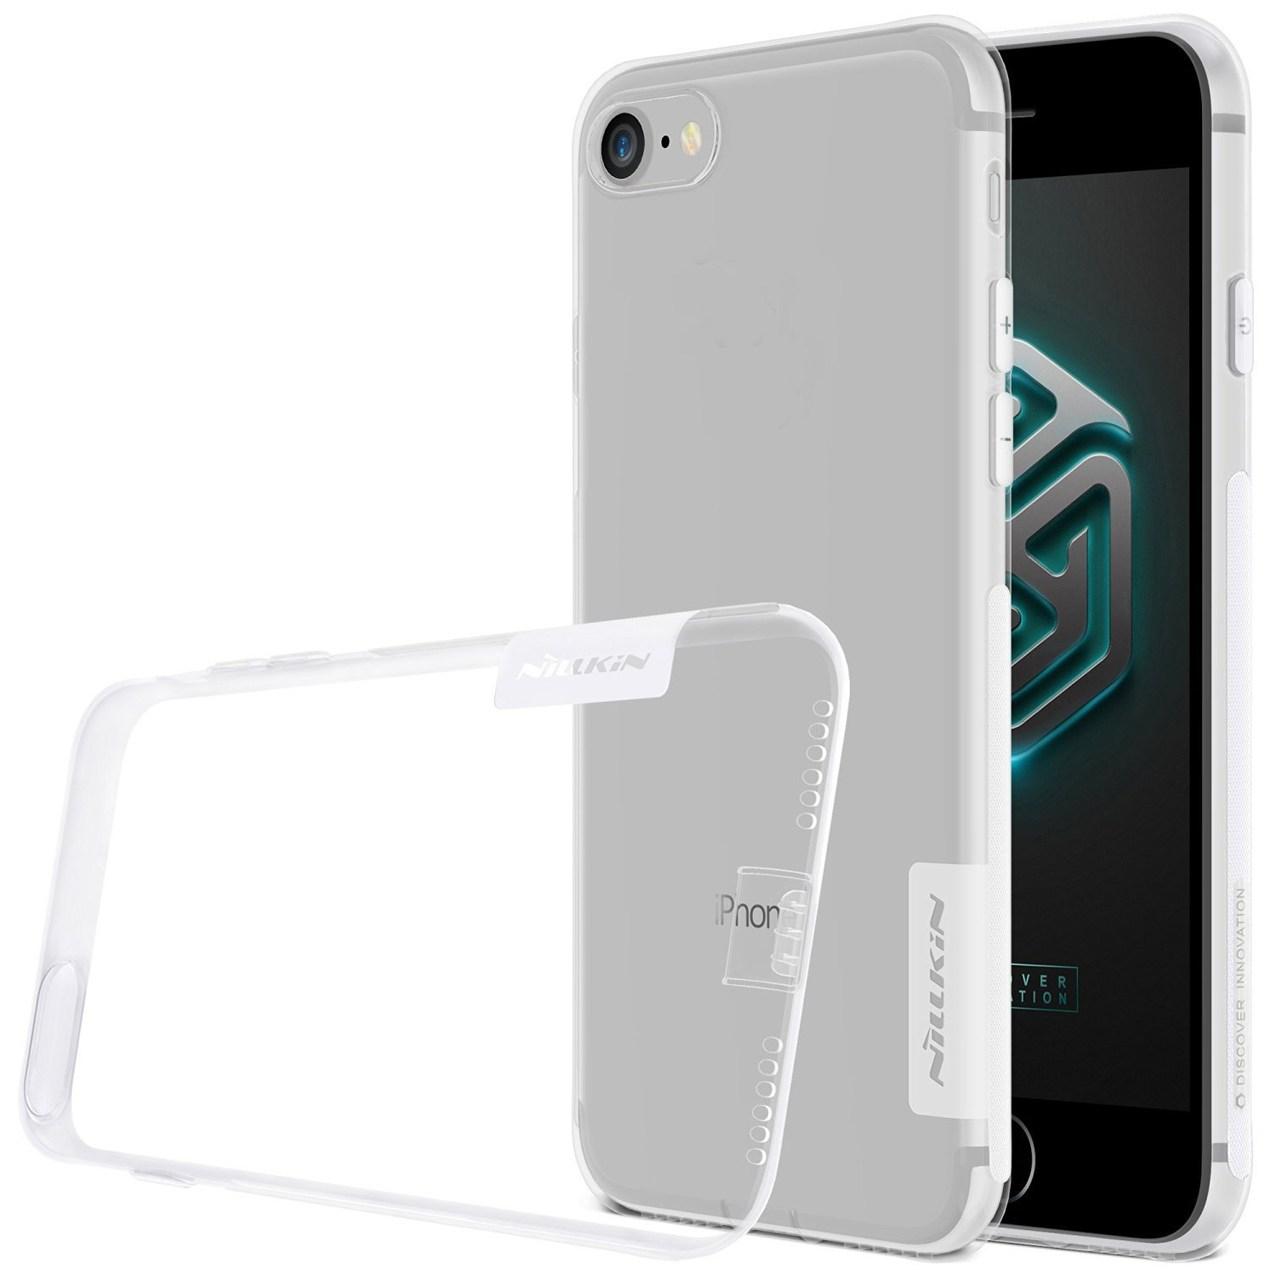 کاور نیلکین مدل Nature مناسب برای گوشی موبایل آیفون 7              ( قیمت و خرید)